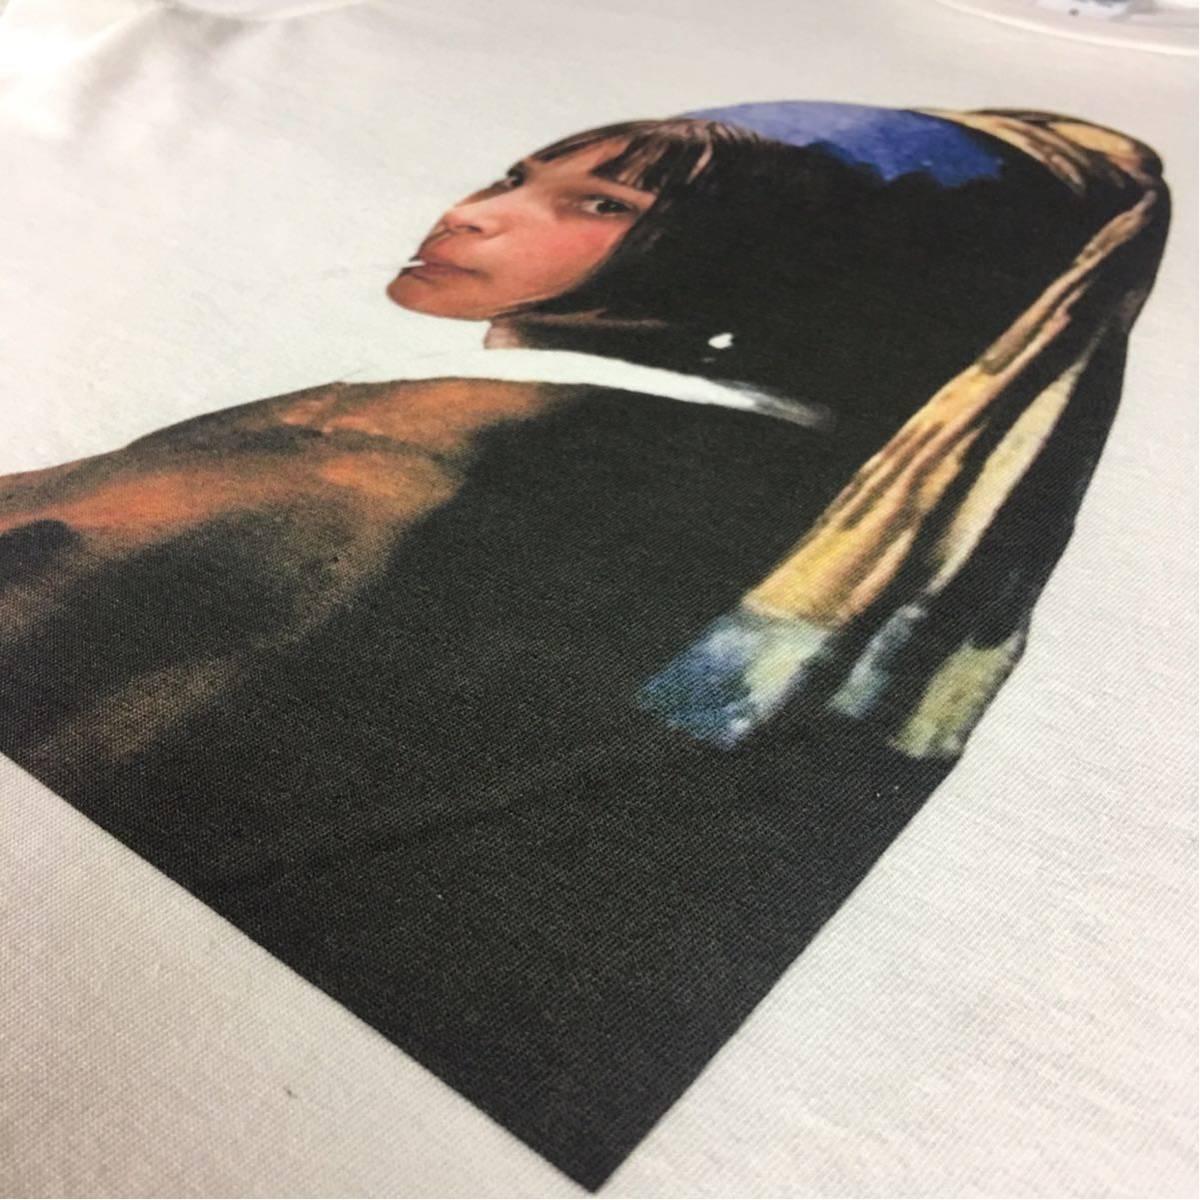 新品 映画 LEON レオン マチルダ フェルメール 真珠の耳飾りの少女 Tシャツ コラージュ デザイン S M L XL ビッグ サイズ XXL~5XL 長袖 OK_画像8